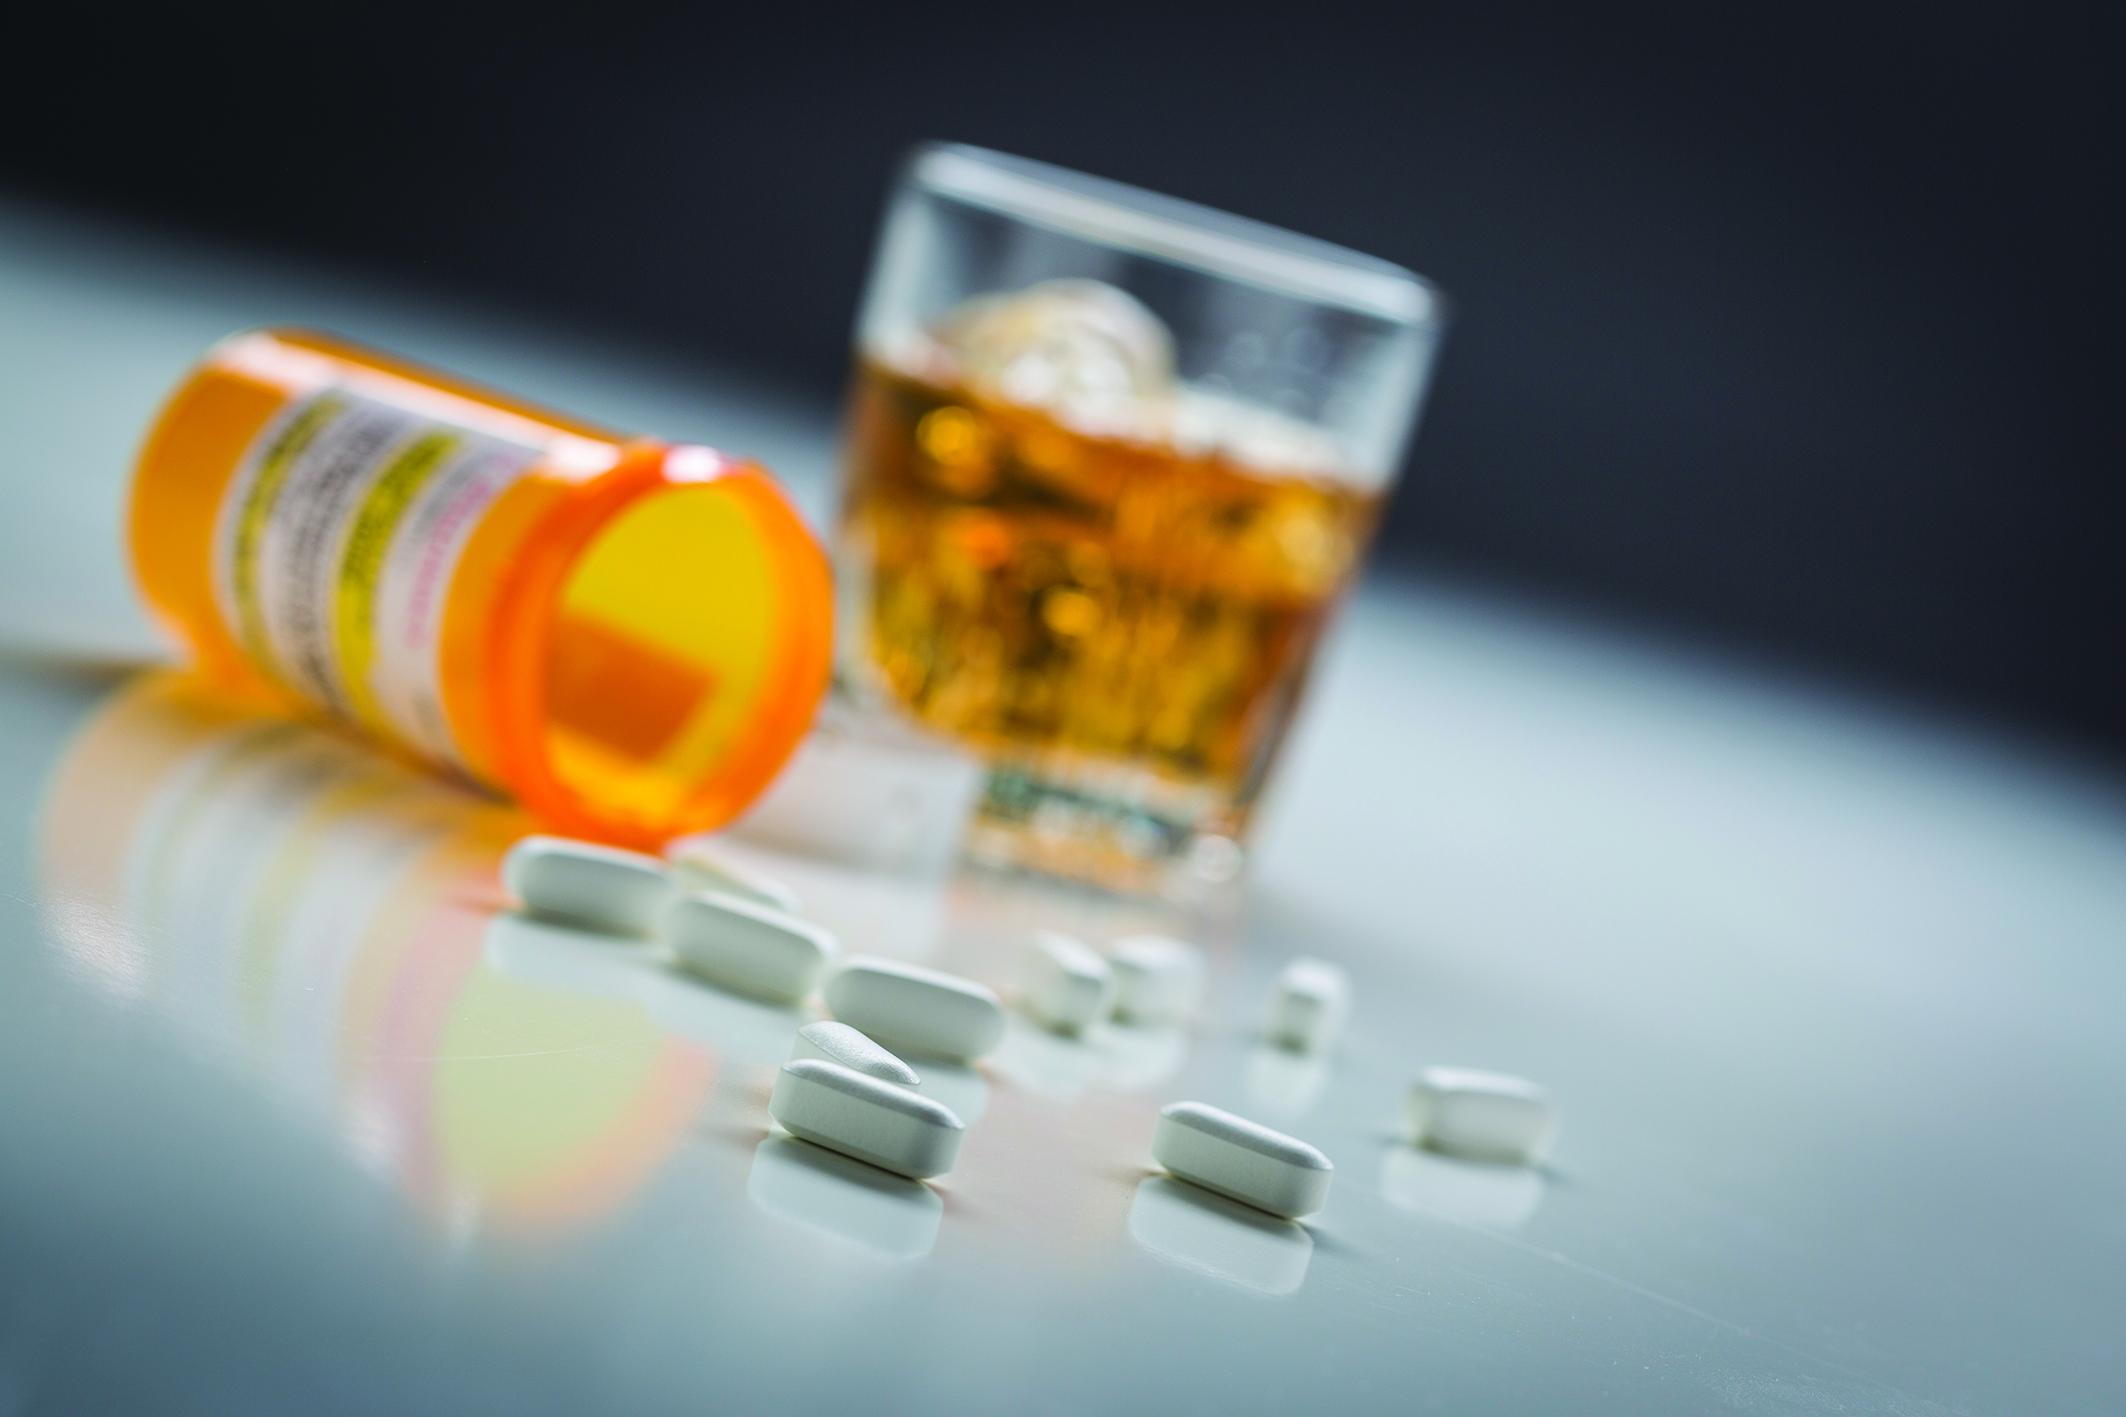 Pentoxifillin vélemények prosztatagyulladásról